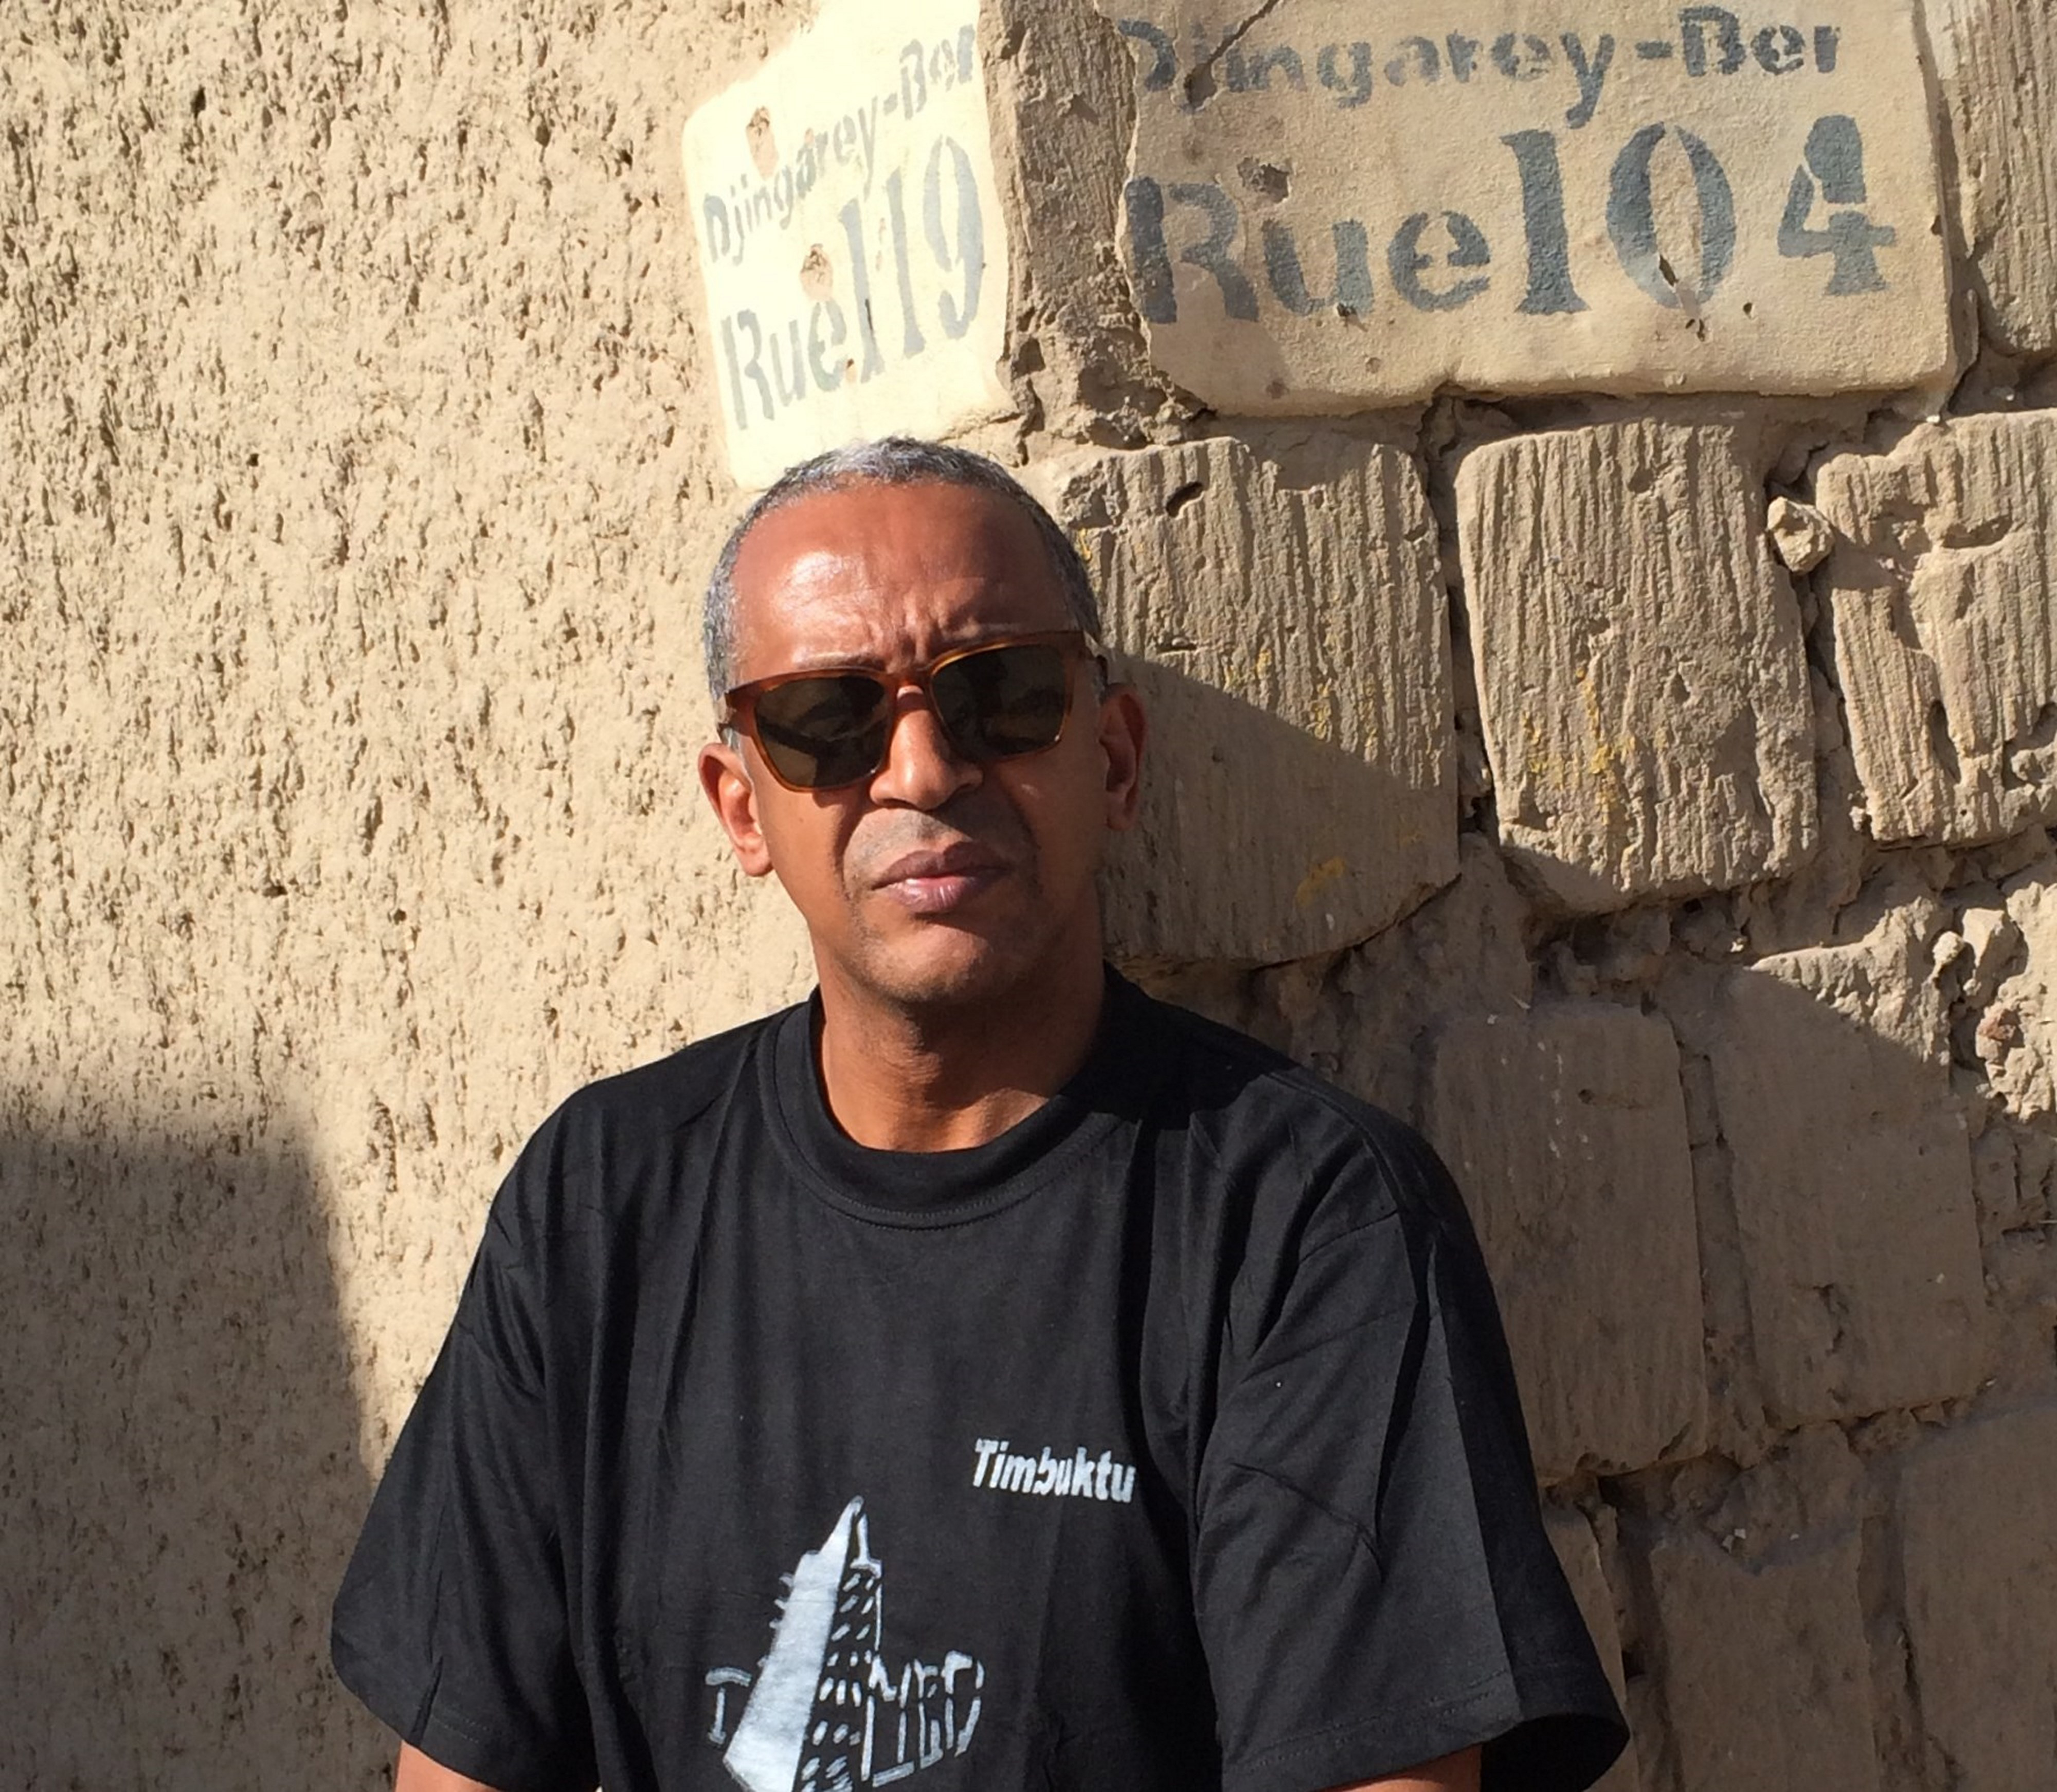 """Le président du jury du Fifo 2016 a reçu 7 César pour son film """"Timbuktu"""" (appelé aussi """"Le chagrin des oiseaux"""") en 2014, dont ceux du Meilleur film et du Meilleur réalisateur."""